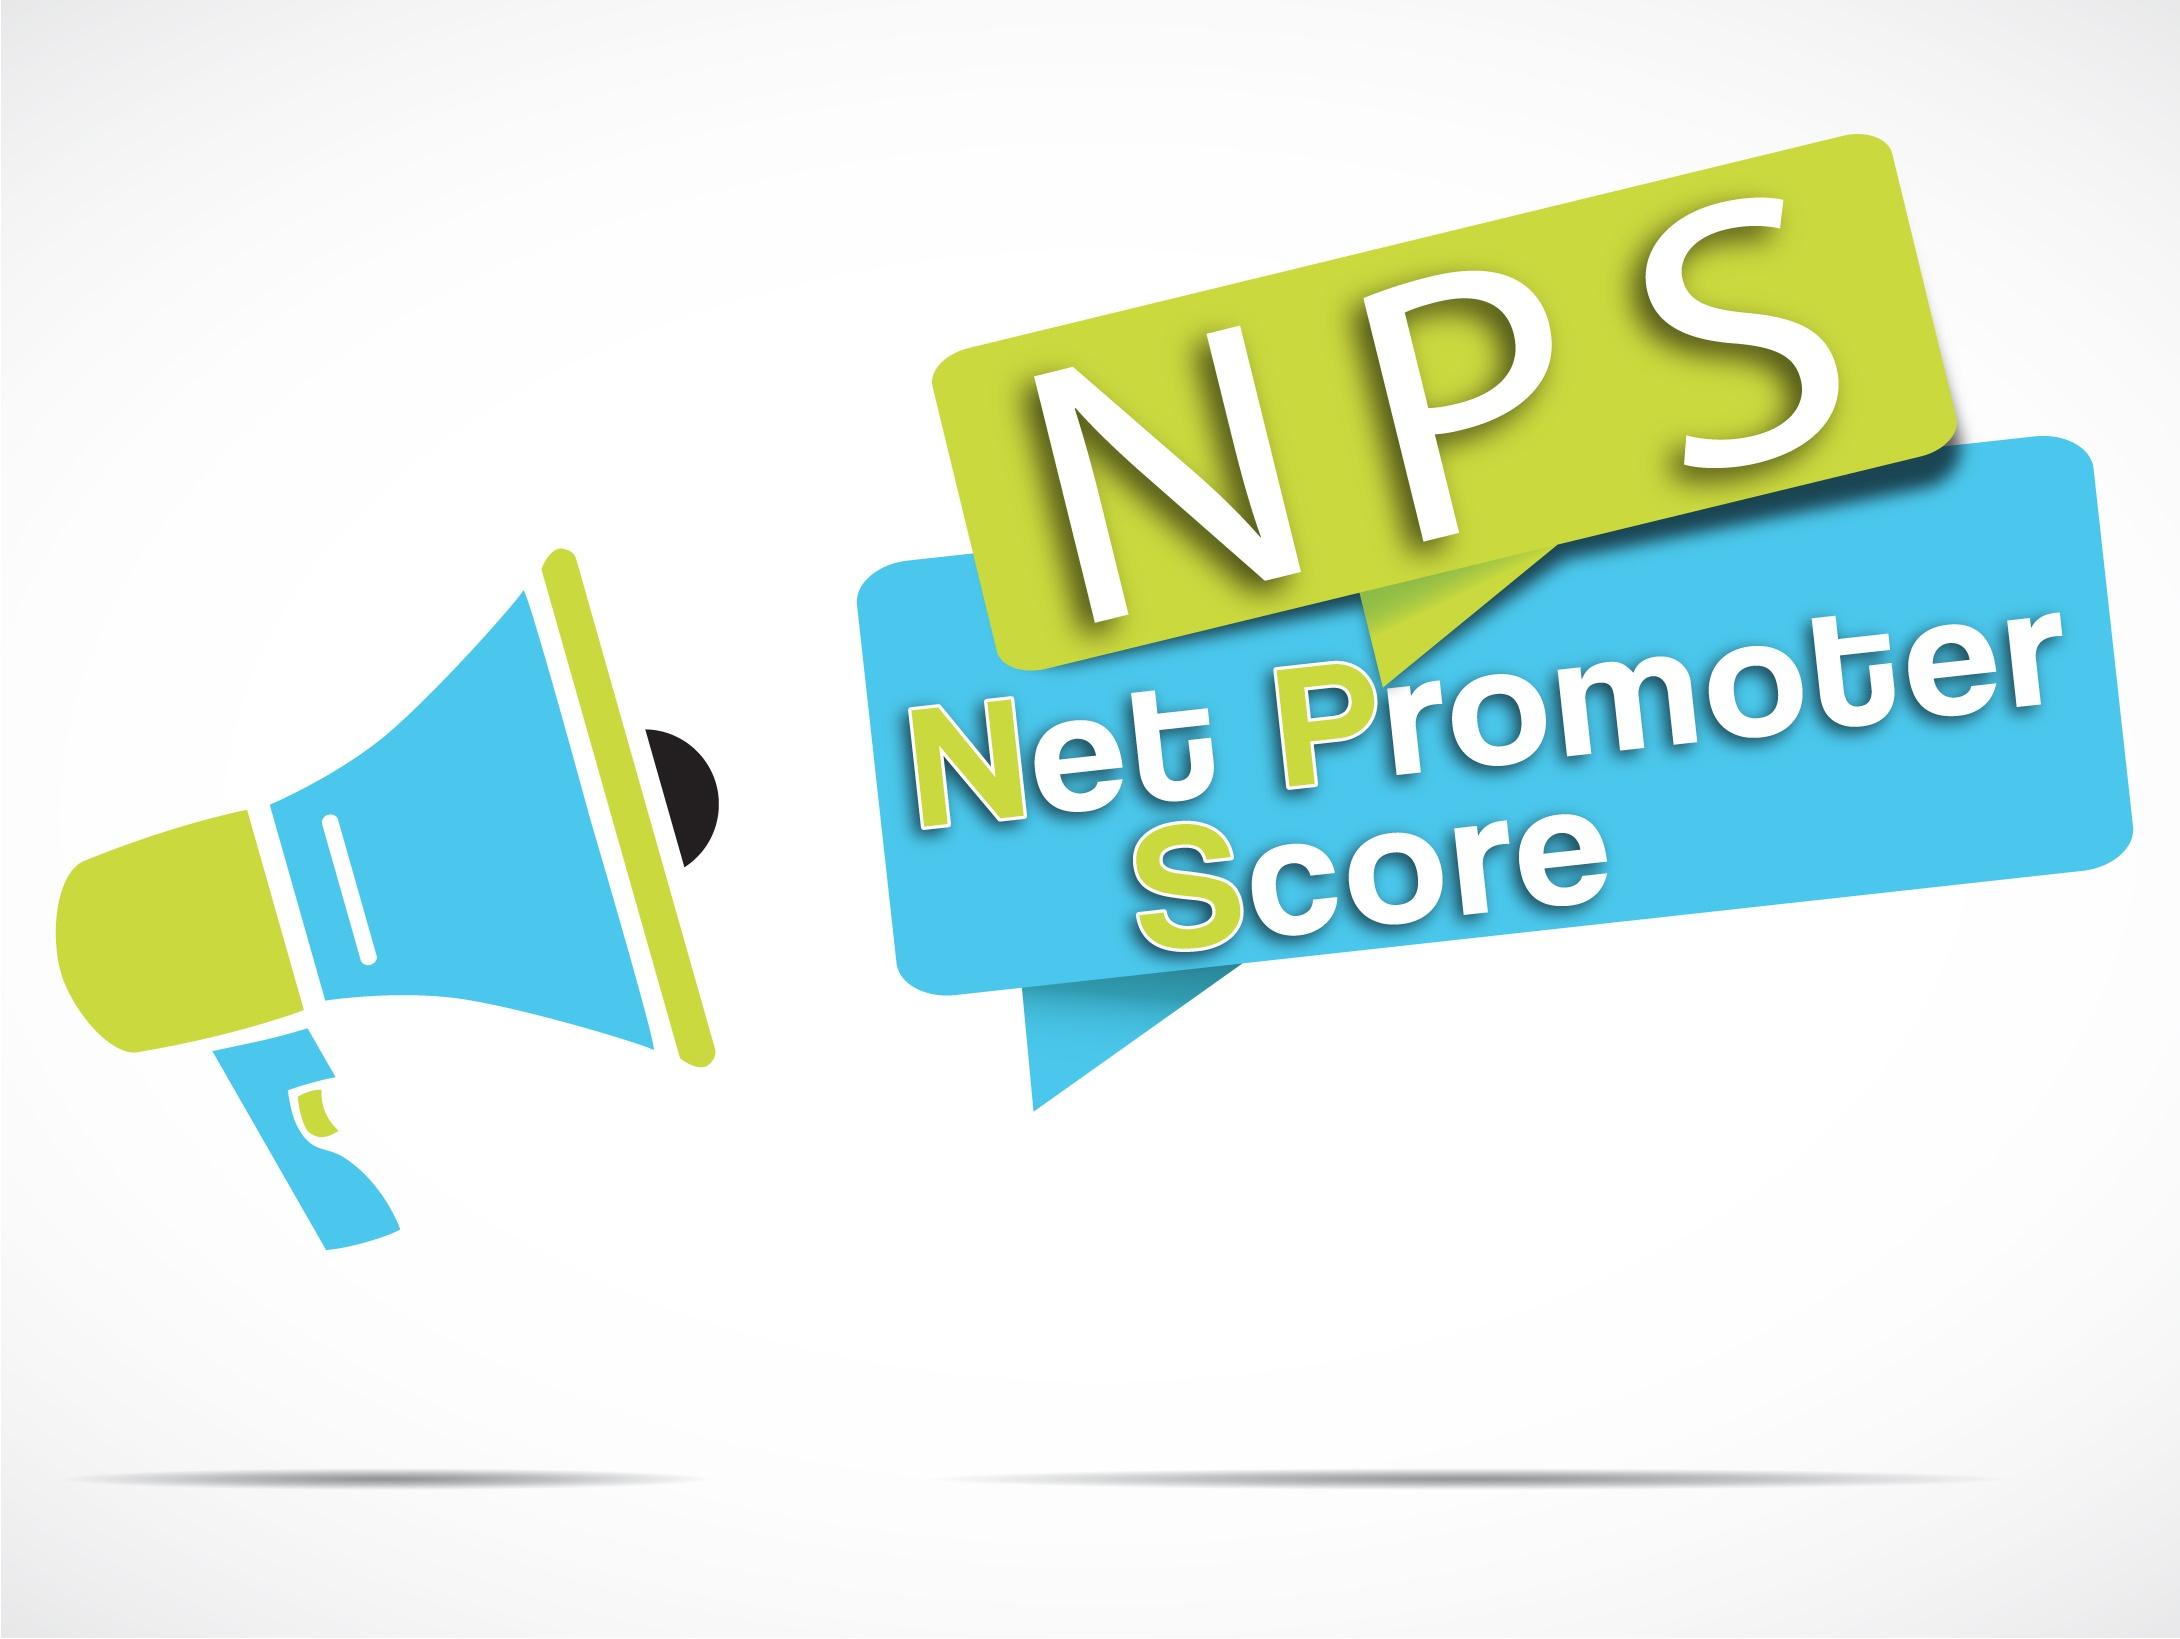 NPS Net Promoter Score.jpg